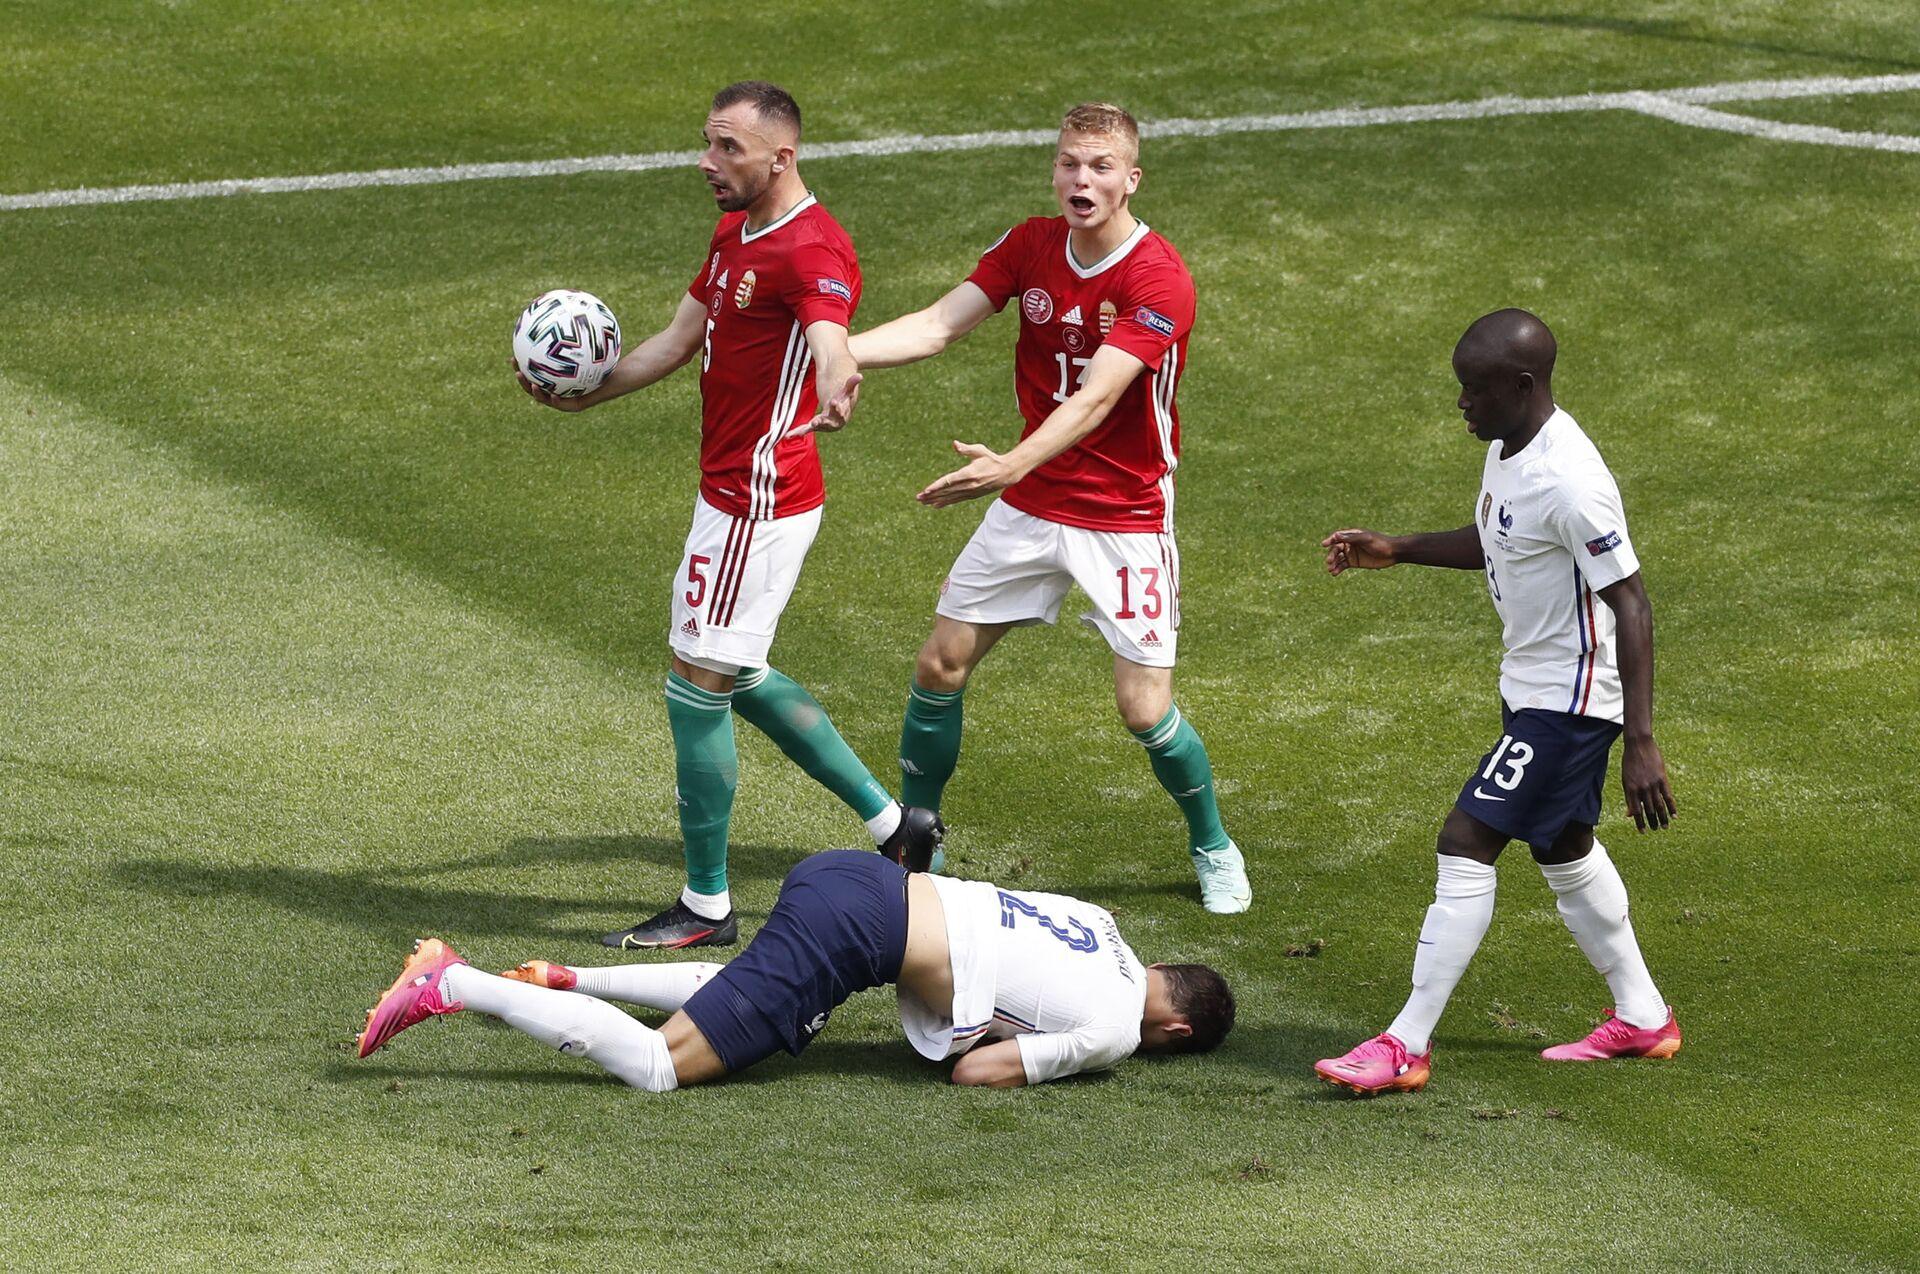 Đội Pháp và đội Hungary hòa nhau tại UEFA EURO 2020 - Sputnik Việt Nam, 1920, 19.06.2021